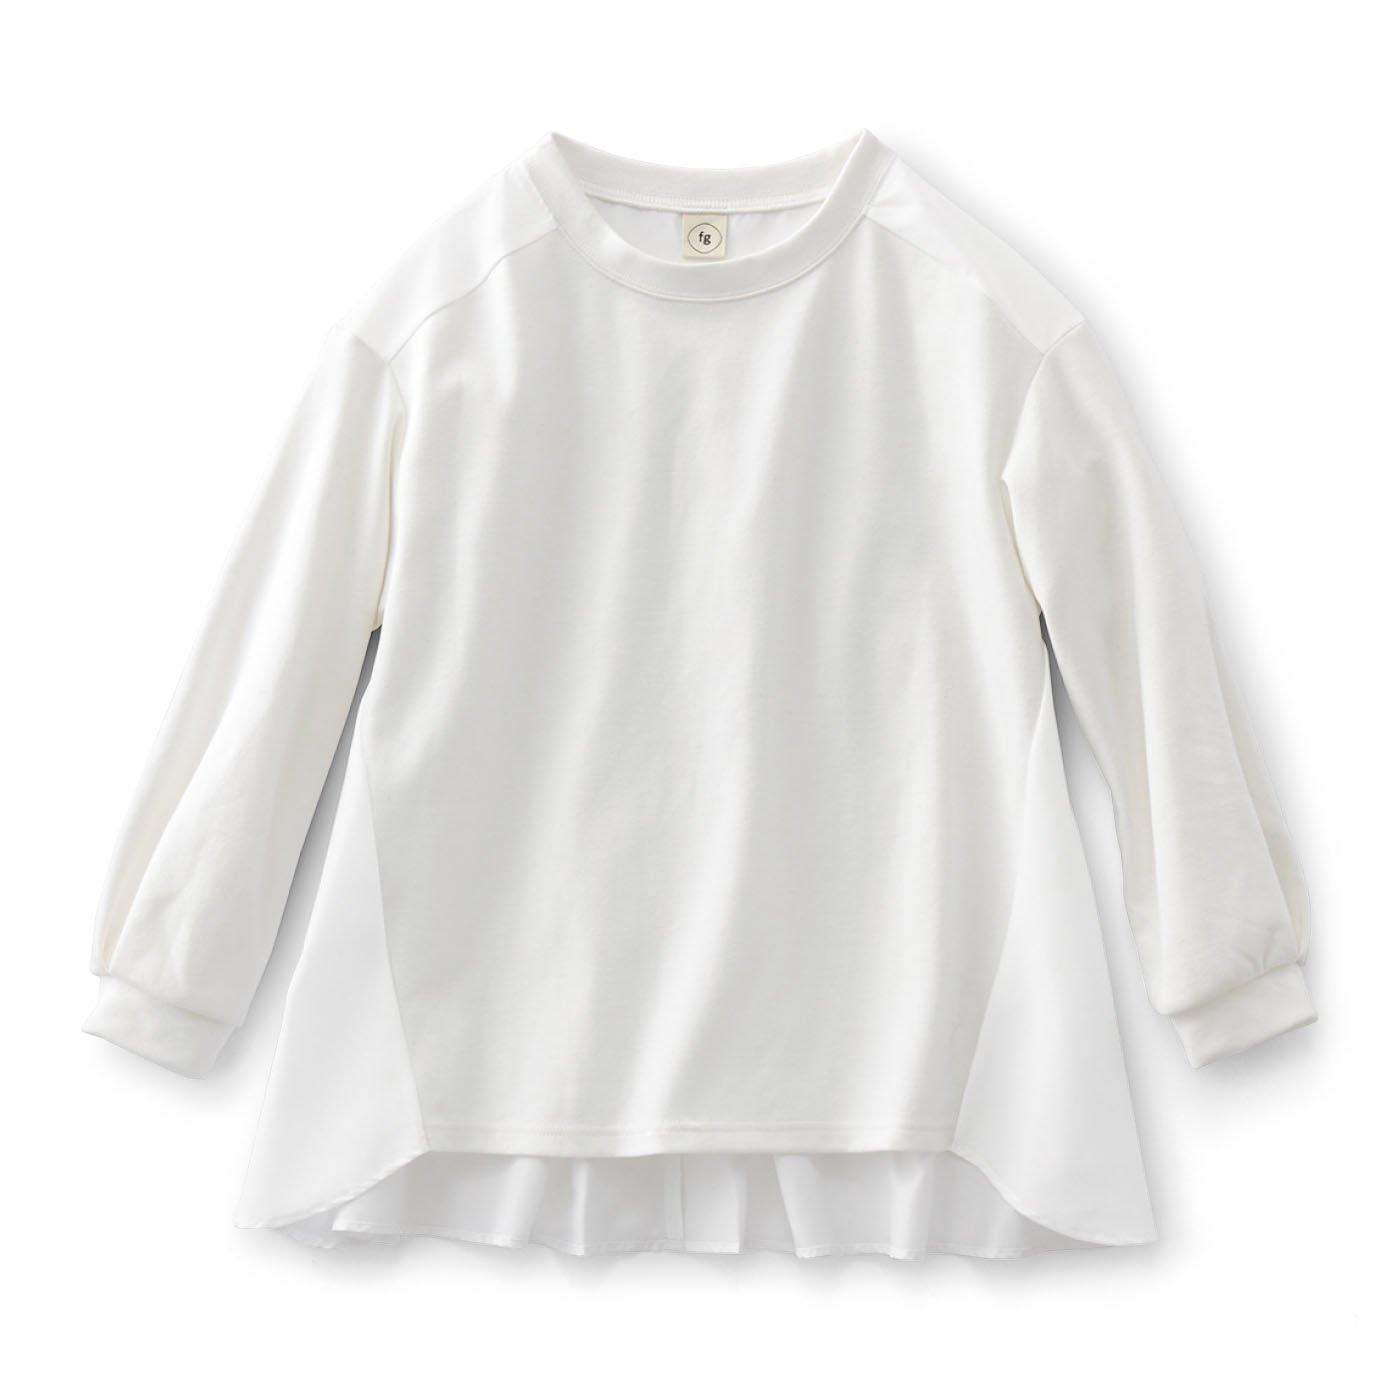 フラウグラット  うれしい撥水加工の布はくとゆるカットソードッキングトップス〈ホワイト×ホワイト〉